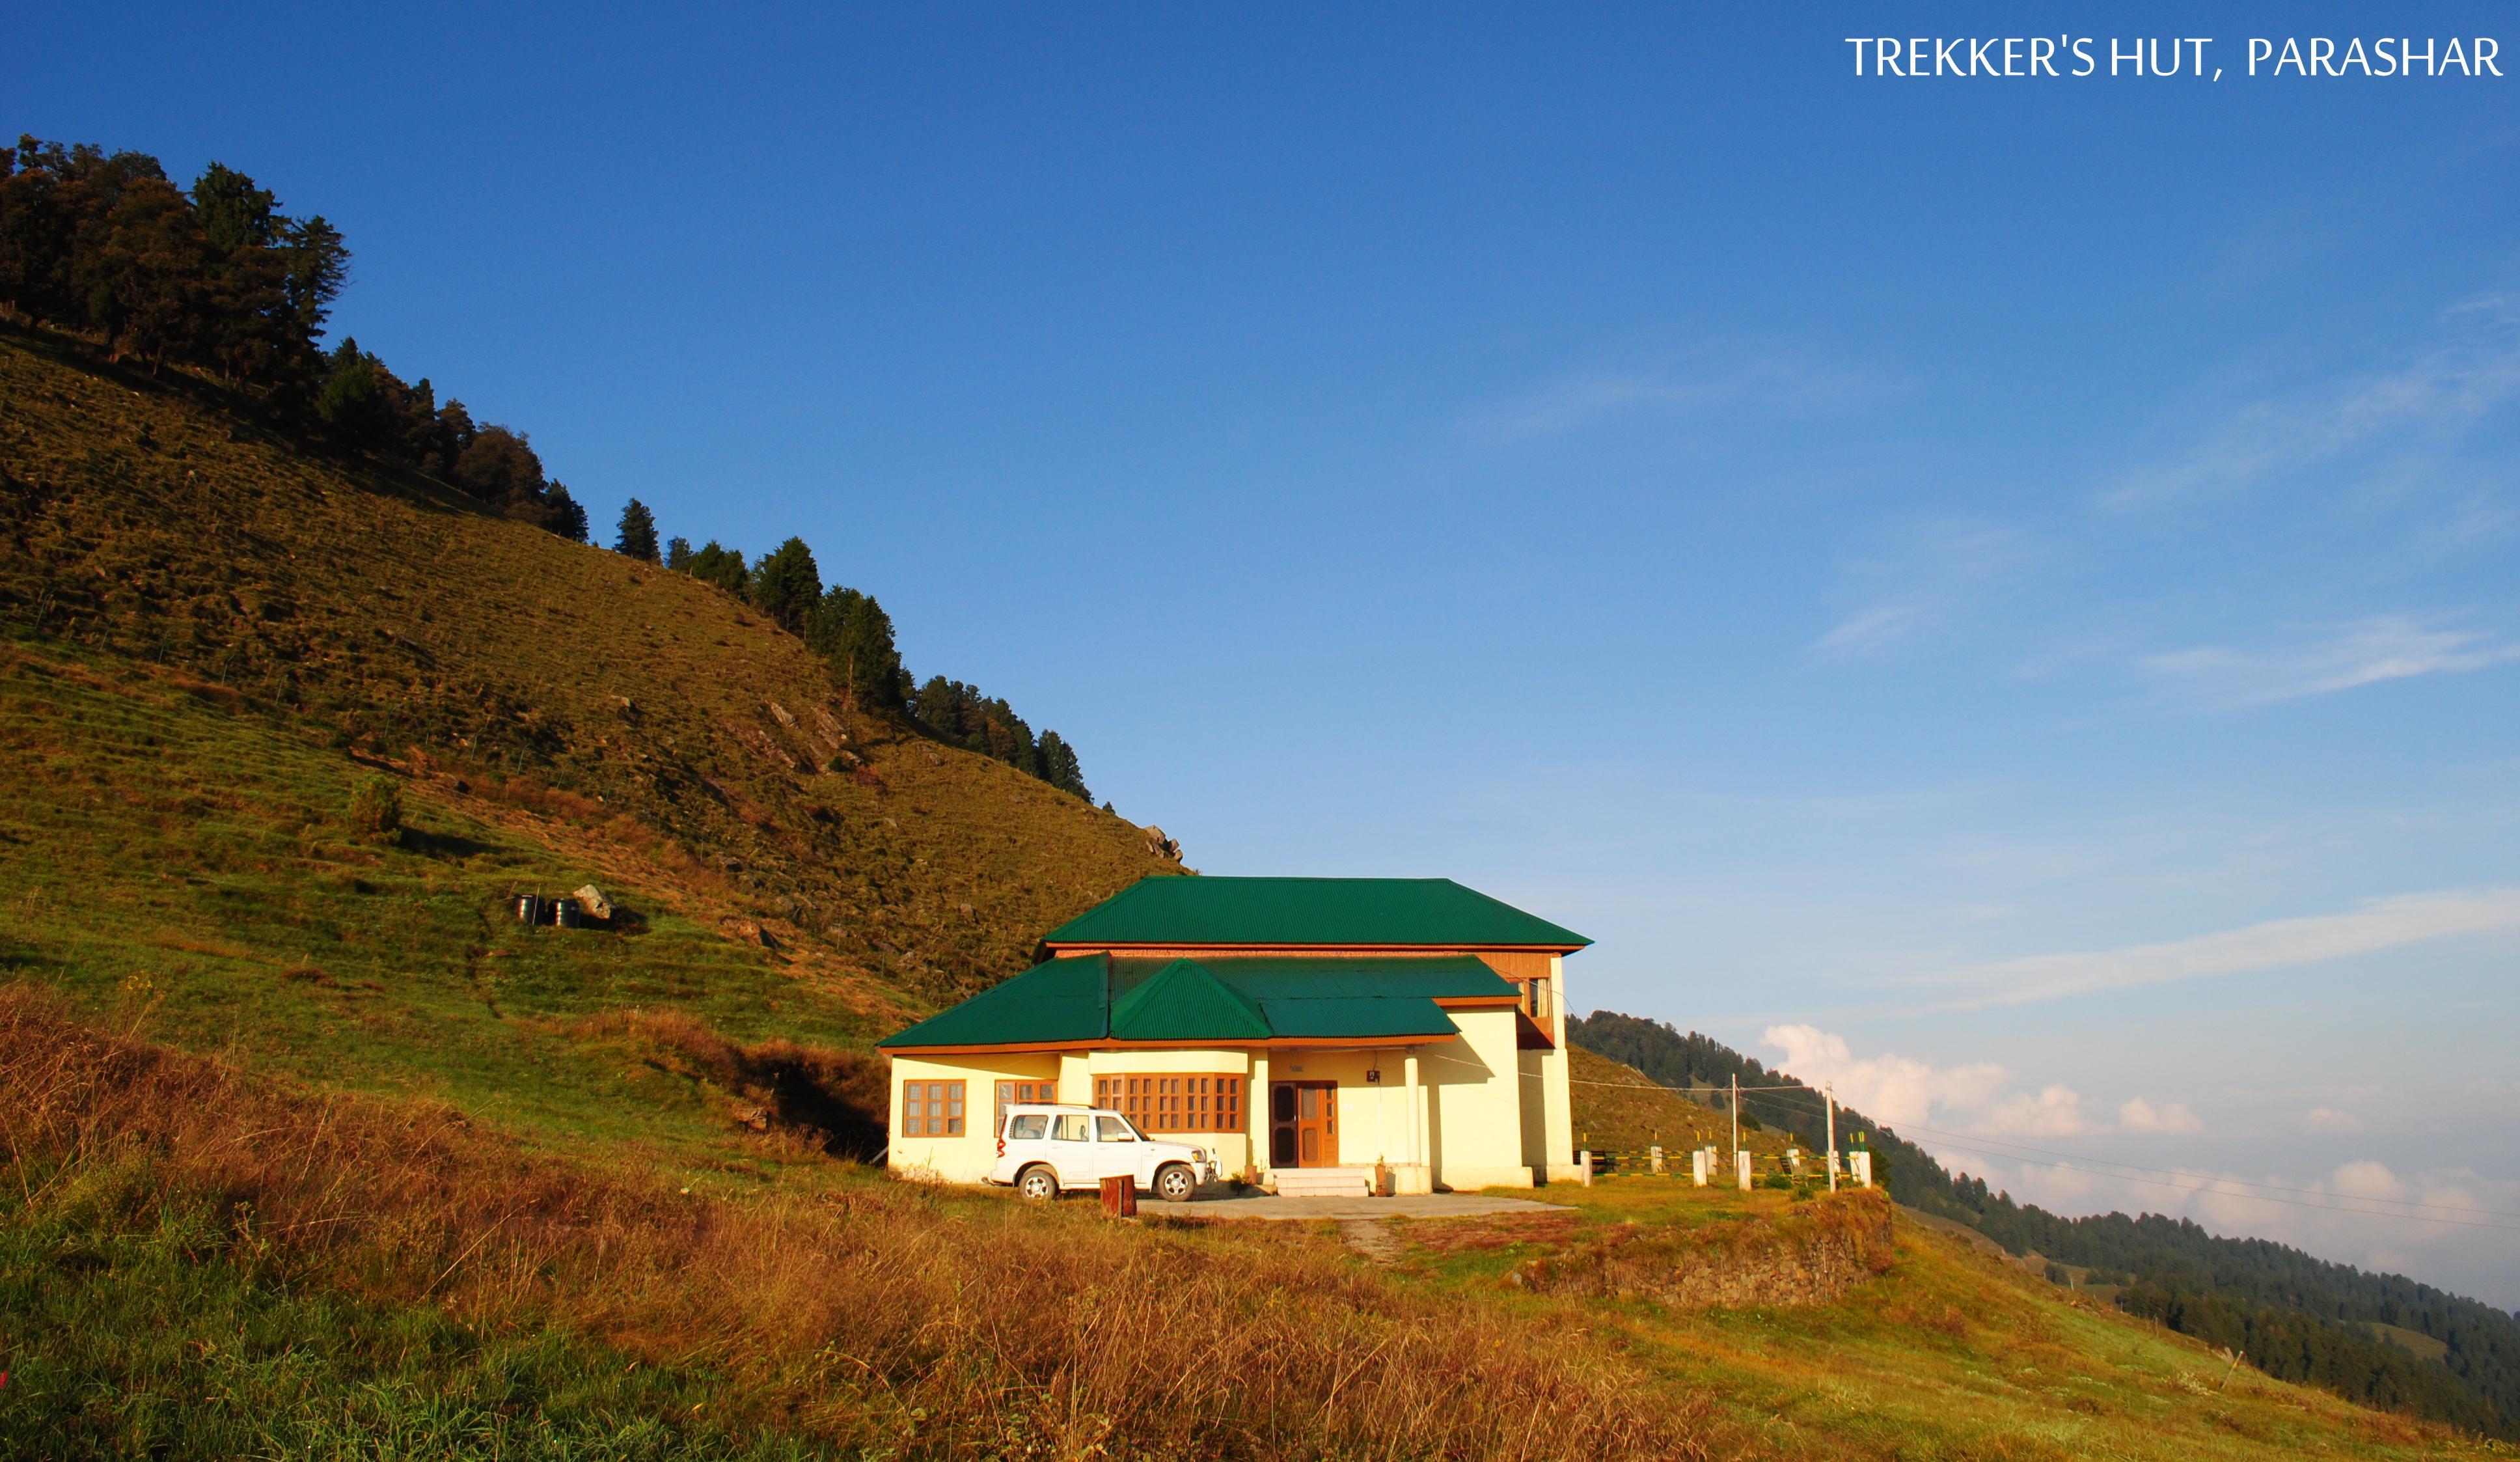 Trekker's Hut